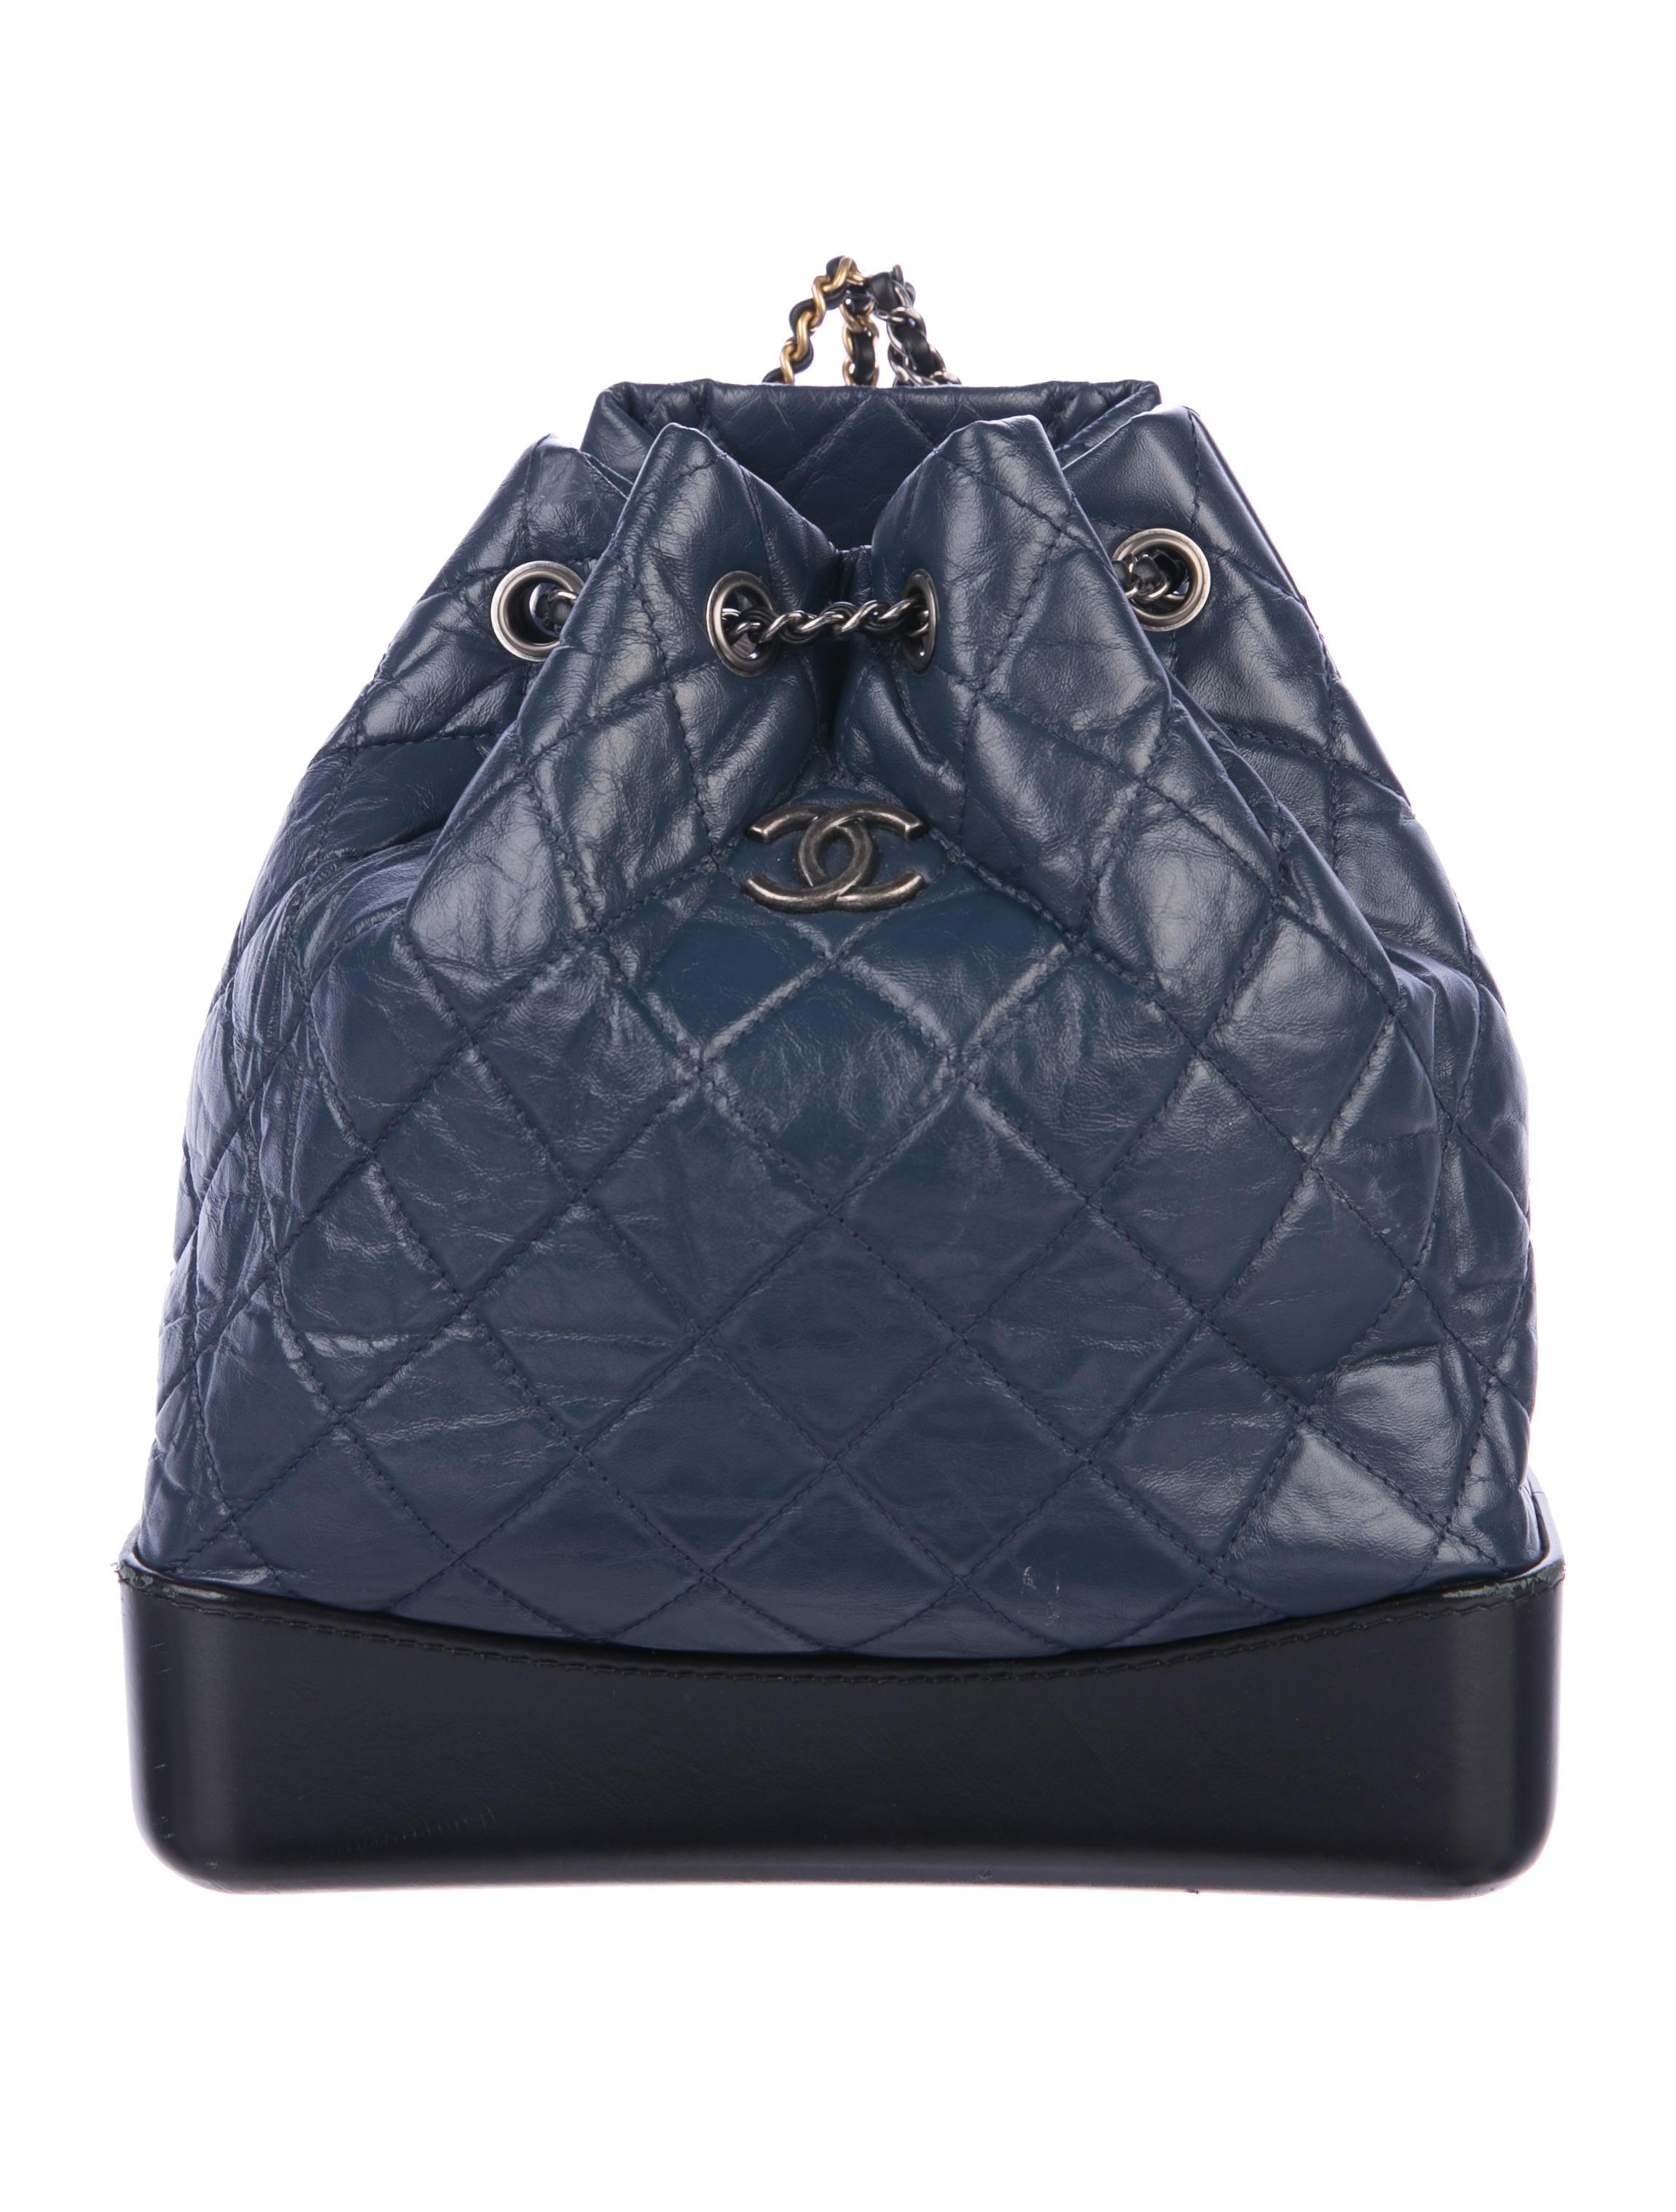 49e886098a8dcf Chanel 2017 Gabrielle Backpack - Handbags - CHA249578 | The RealReal